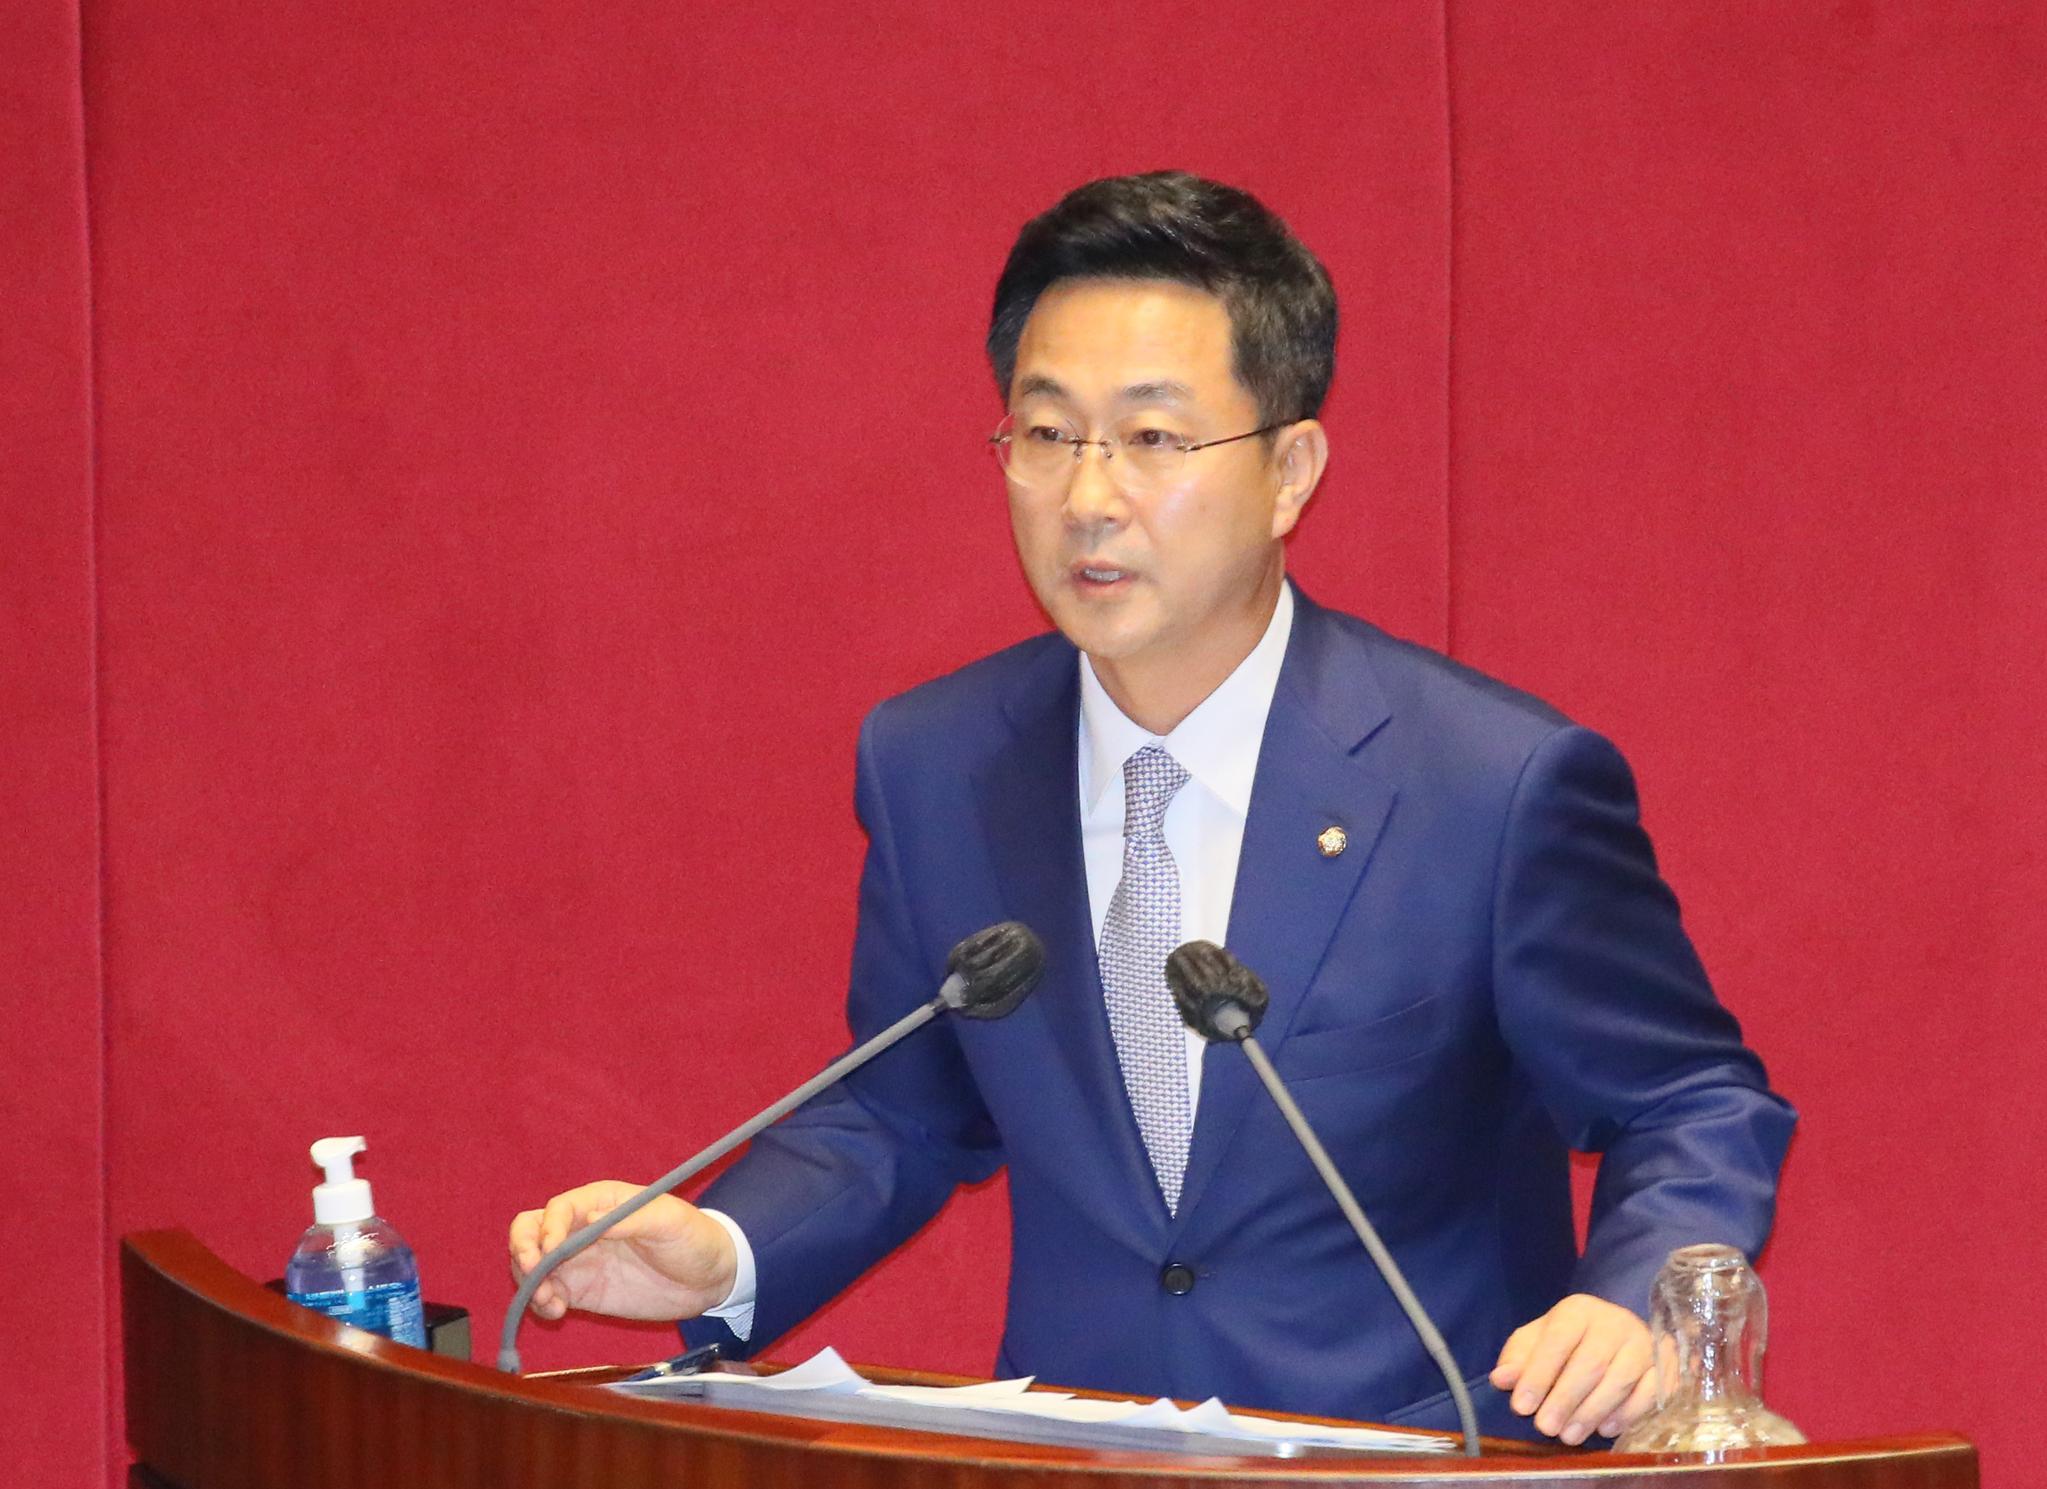 박성준 더불어민주당 원내대변인. 연합뉴스